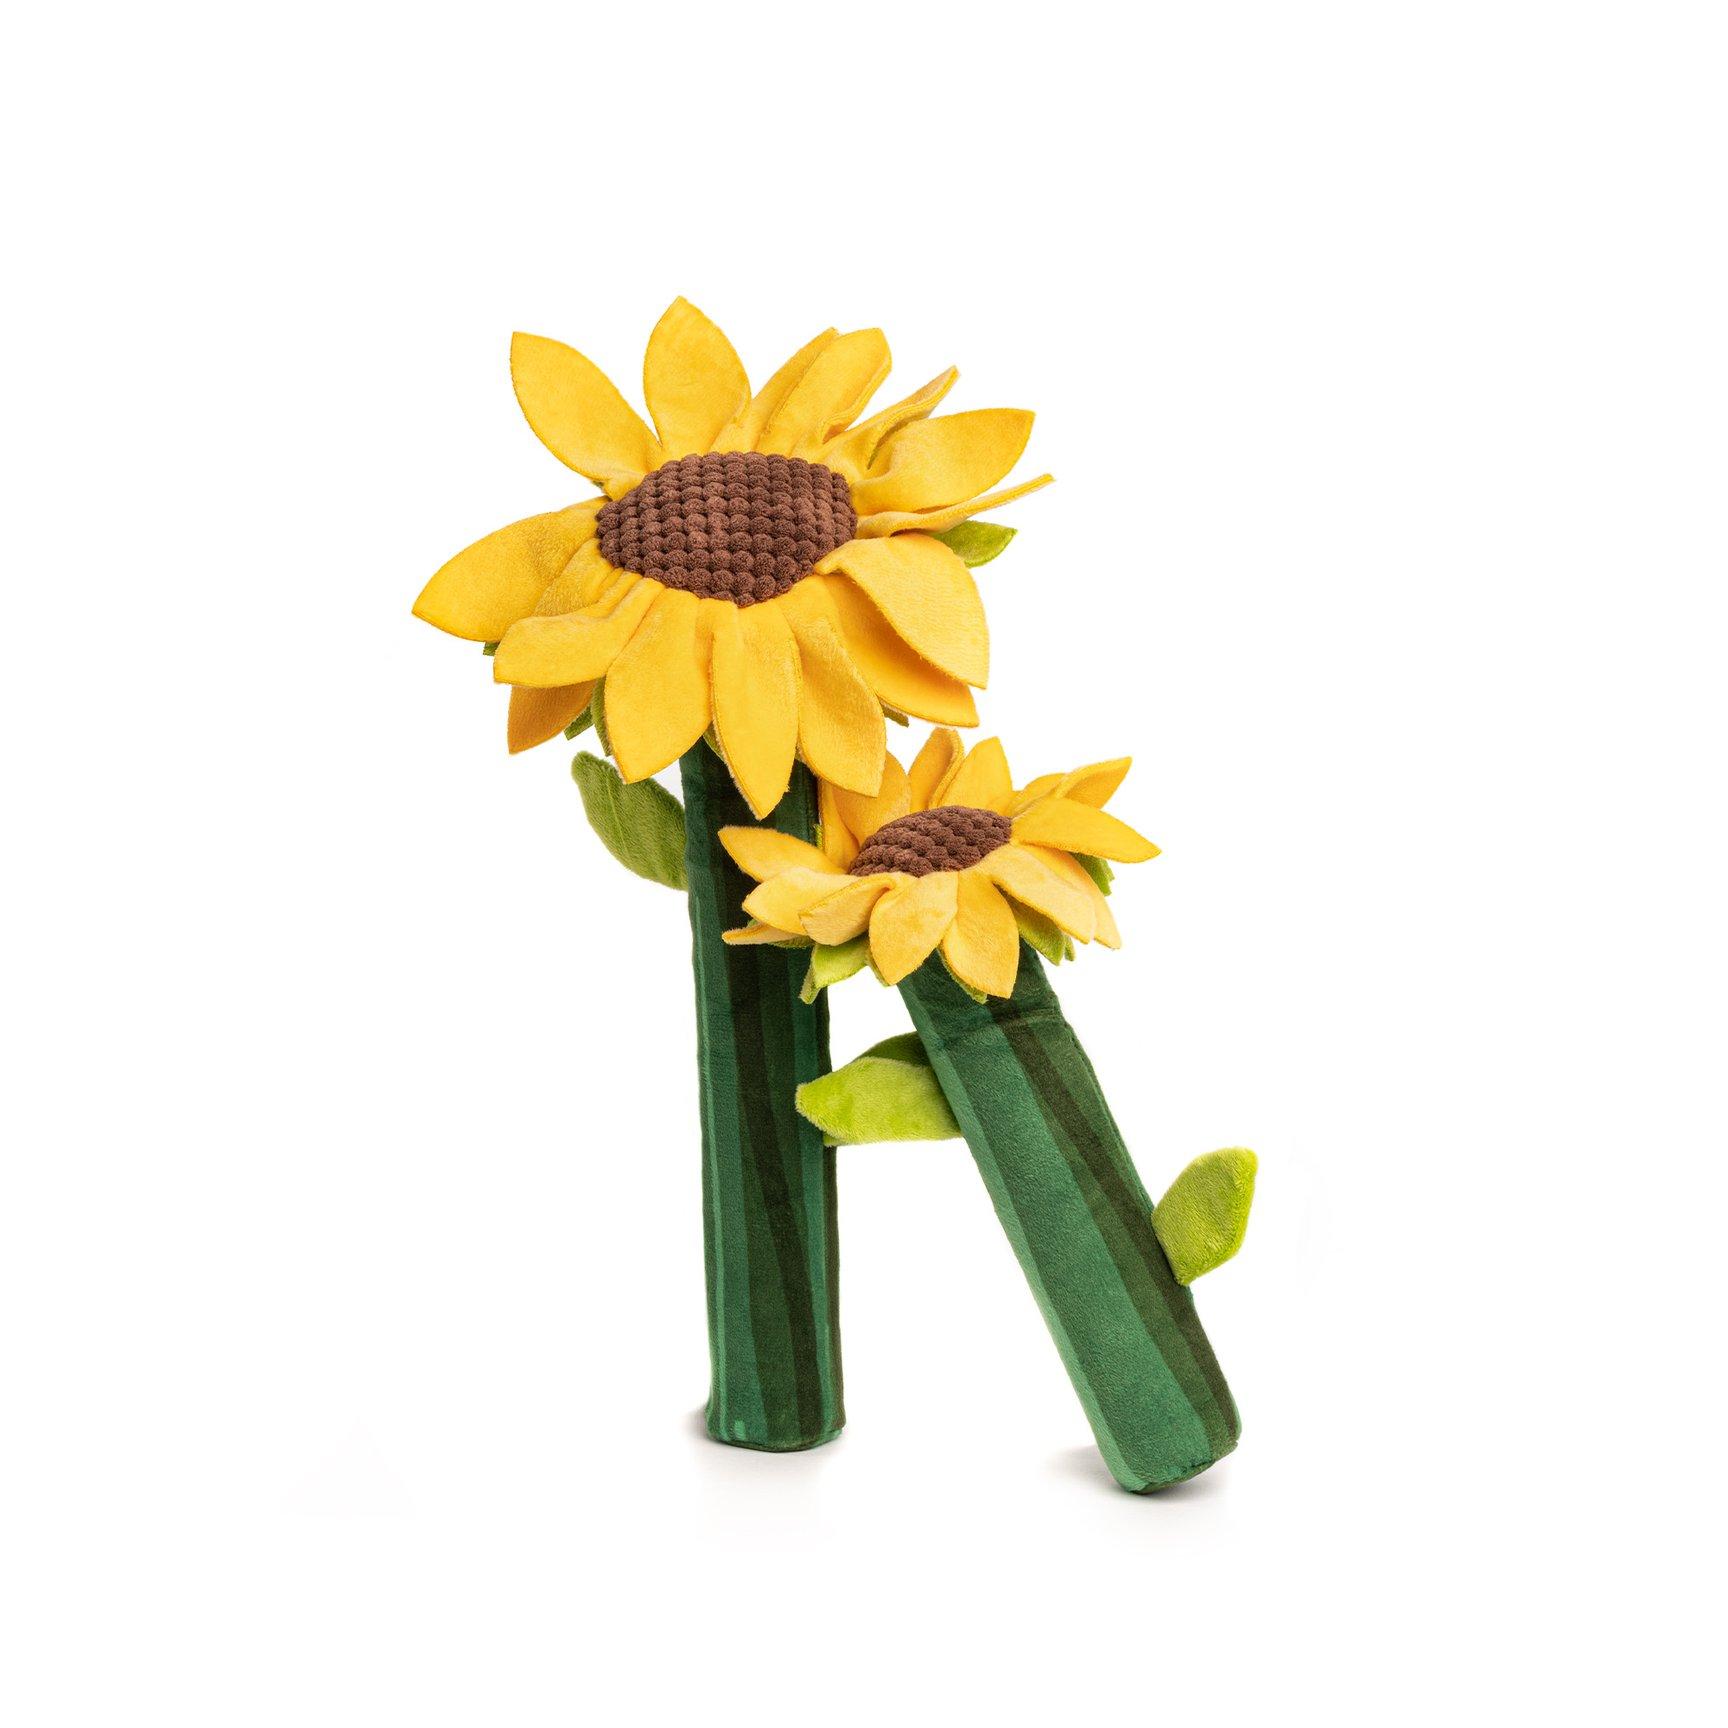 fabdog Bendie Dog Toy, Sunflower, Small